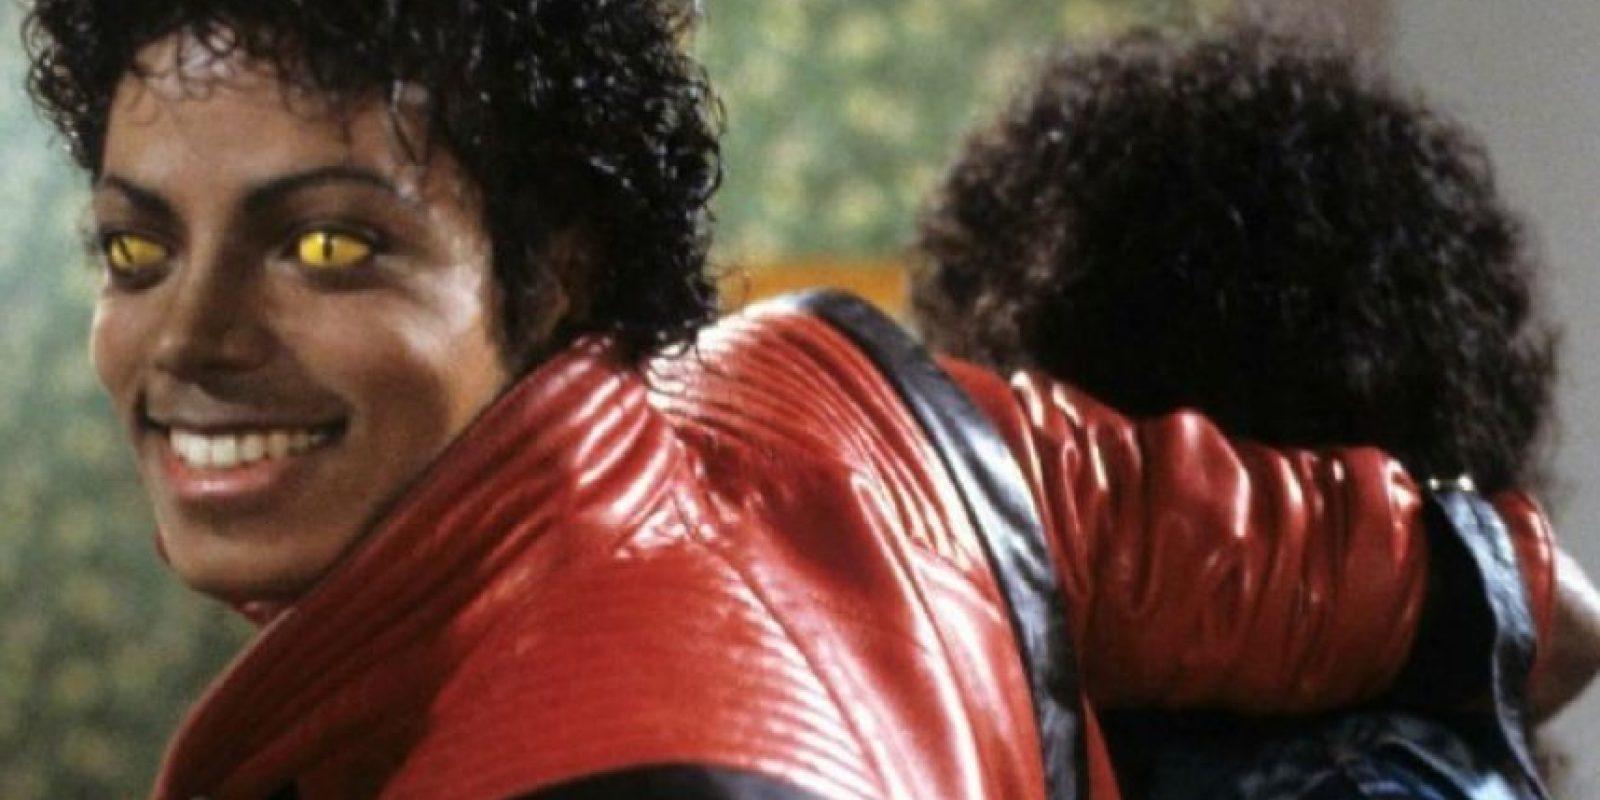 La cara de la persona es excesivamente cubierta de vello. La enfermedad es hereditaria y se cree que de ahí nació el mito. Foto:vía Youtube/Michael Jackson